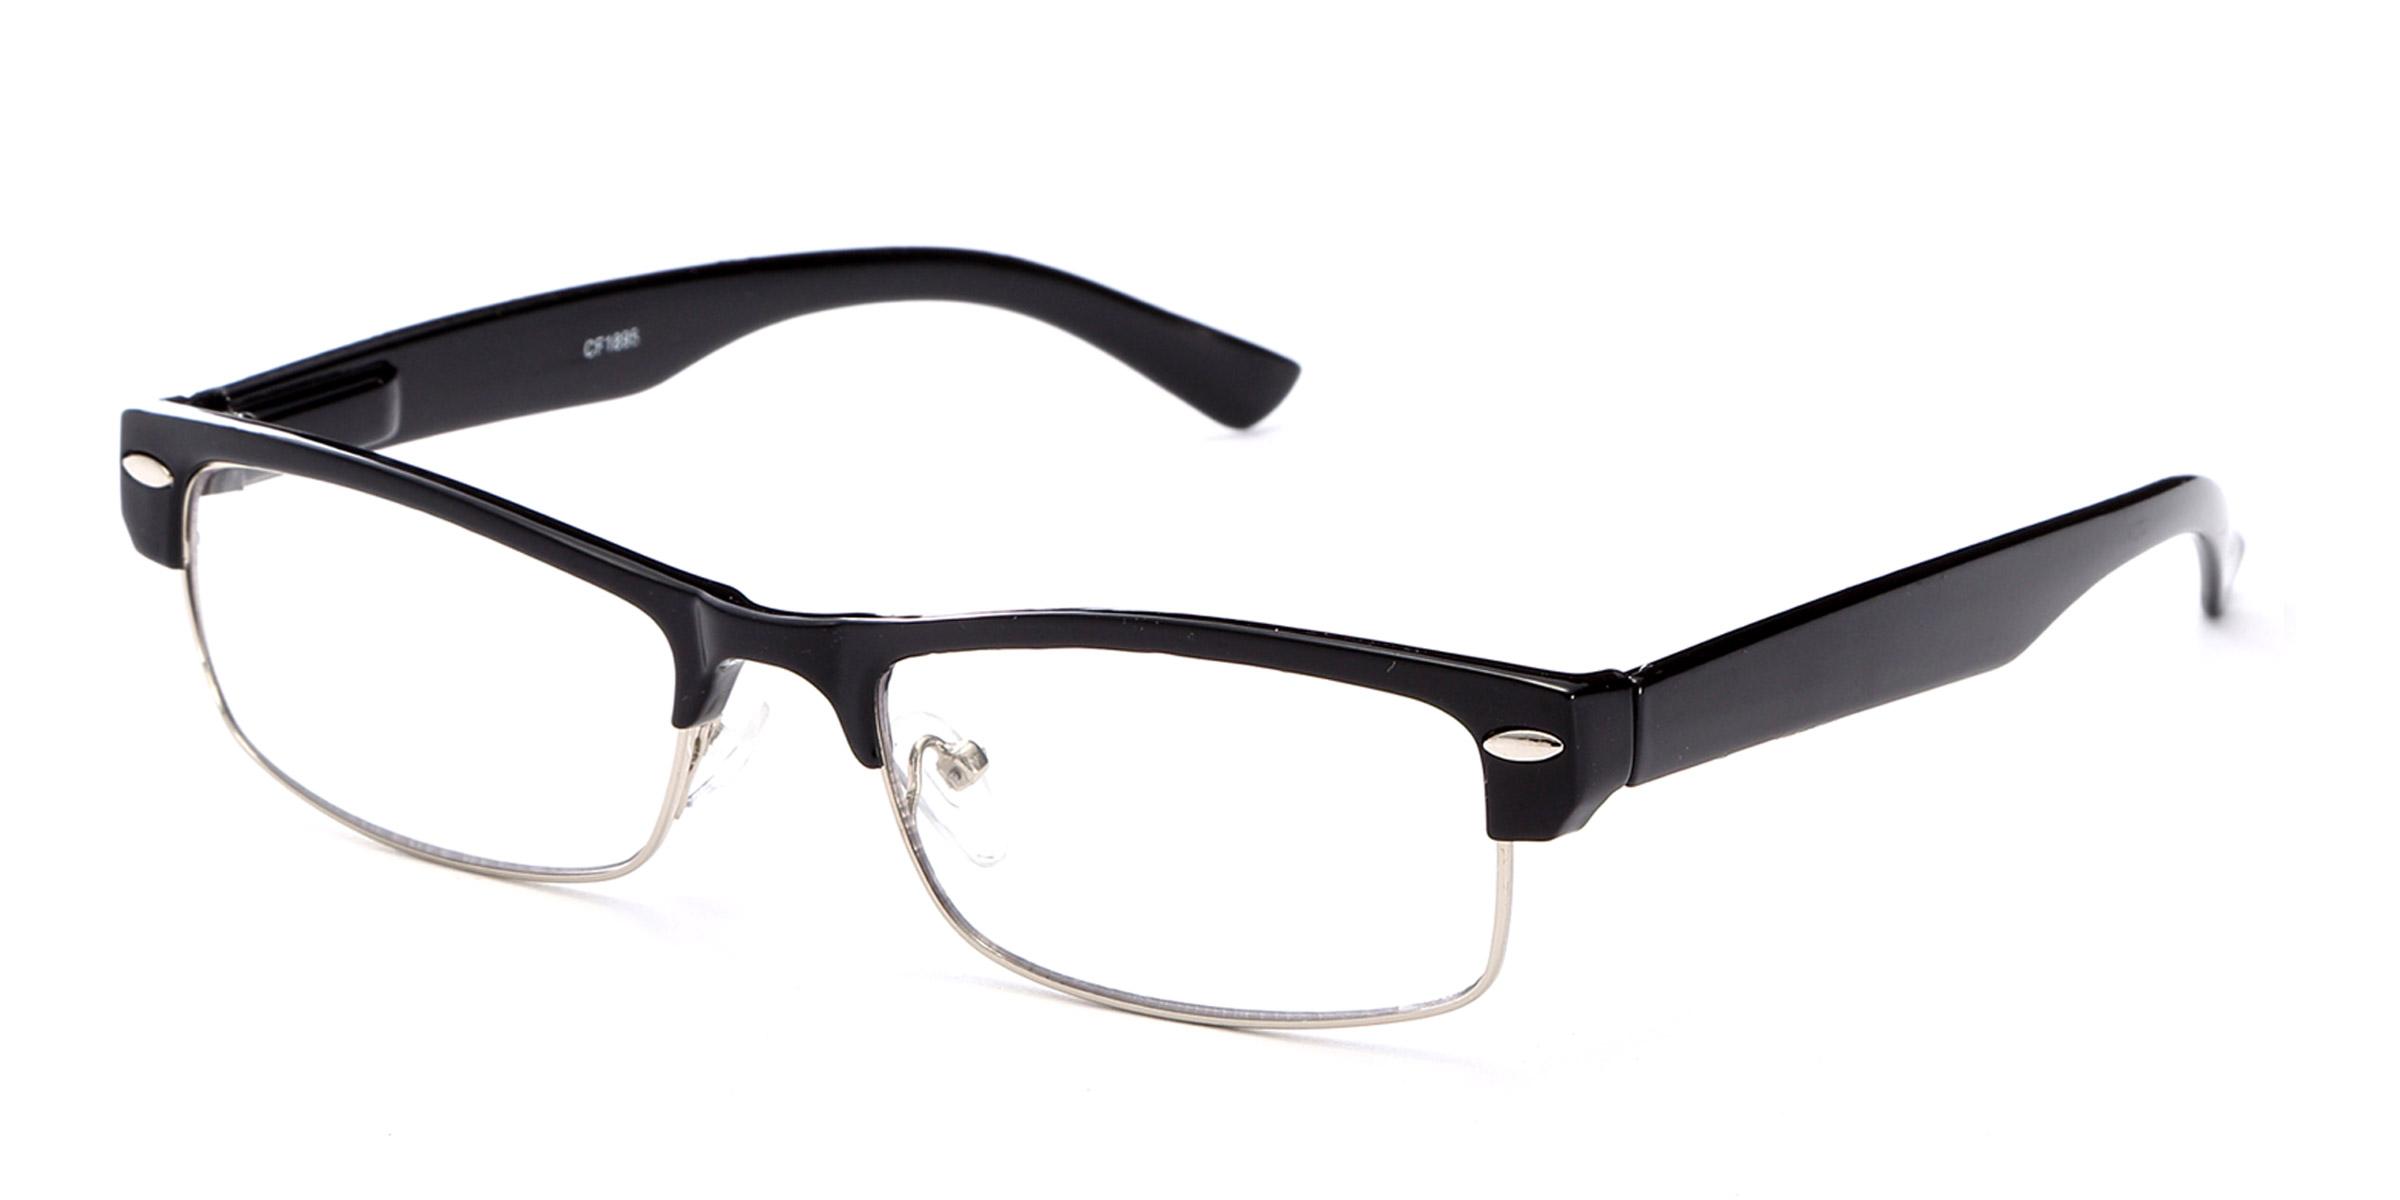 Clic Half Frame Black Reading Glasses : 2 Pack Half Frame Reading Glasses Classic Black Flat Brown ...